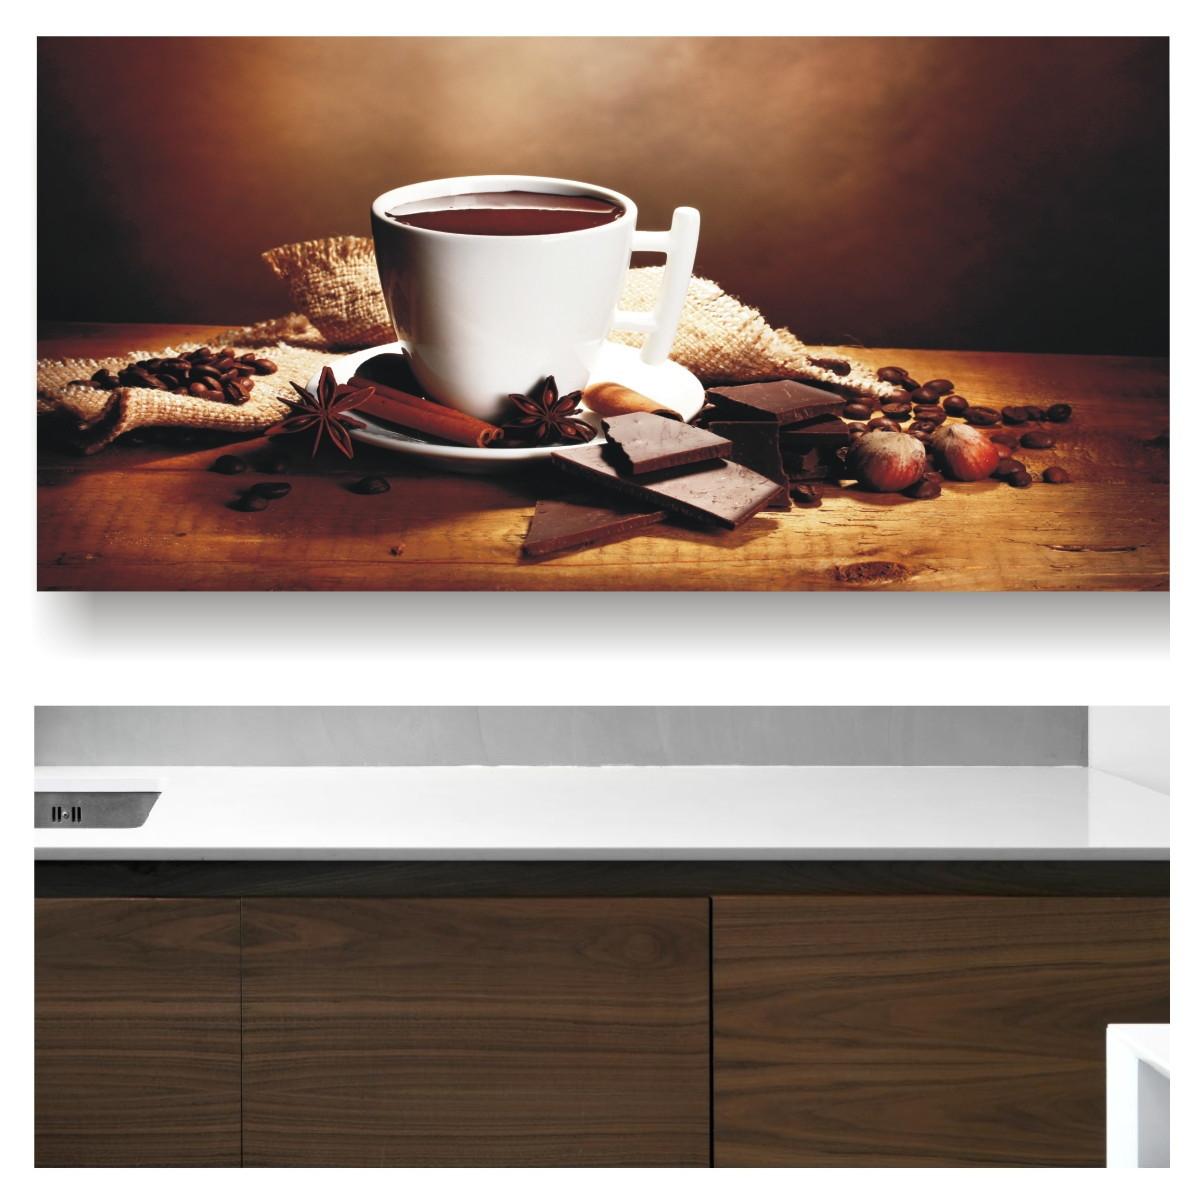 dffbca858 Papel de parede Cozinha Café Chá 78 no Elo7